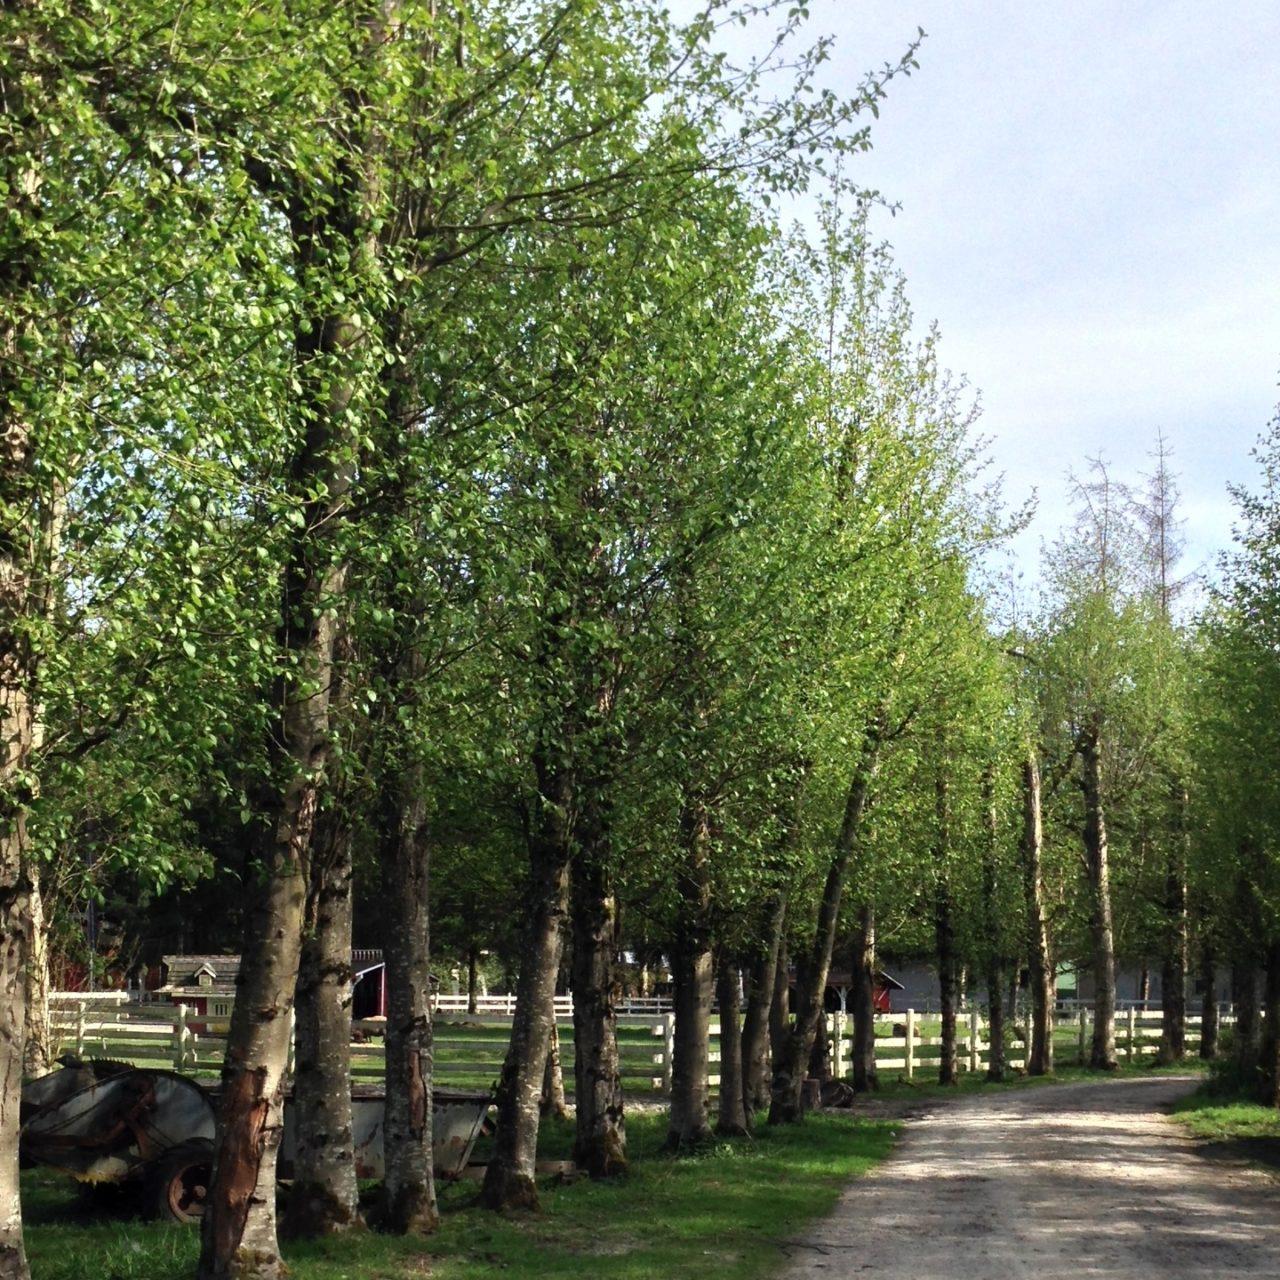 カナダ暮らしで毎日歩いた緑の中のまっすぐな道